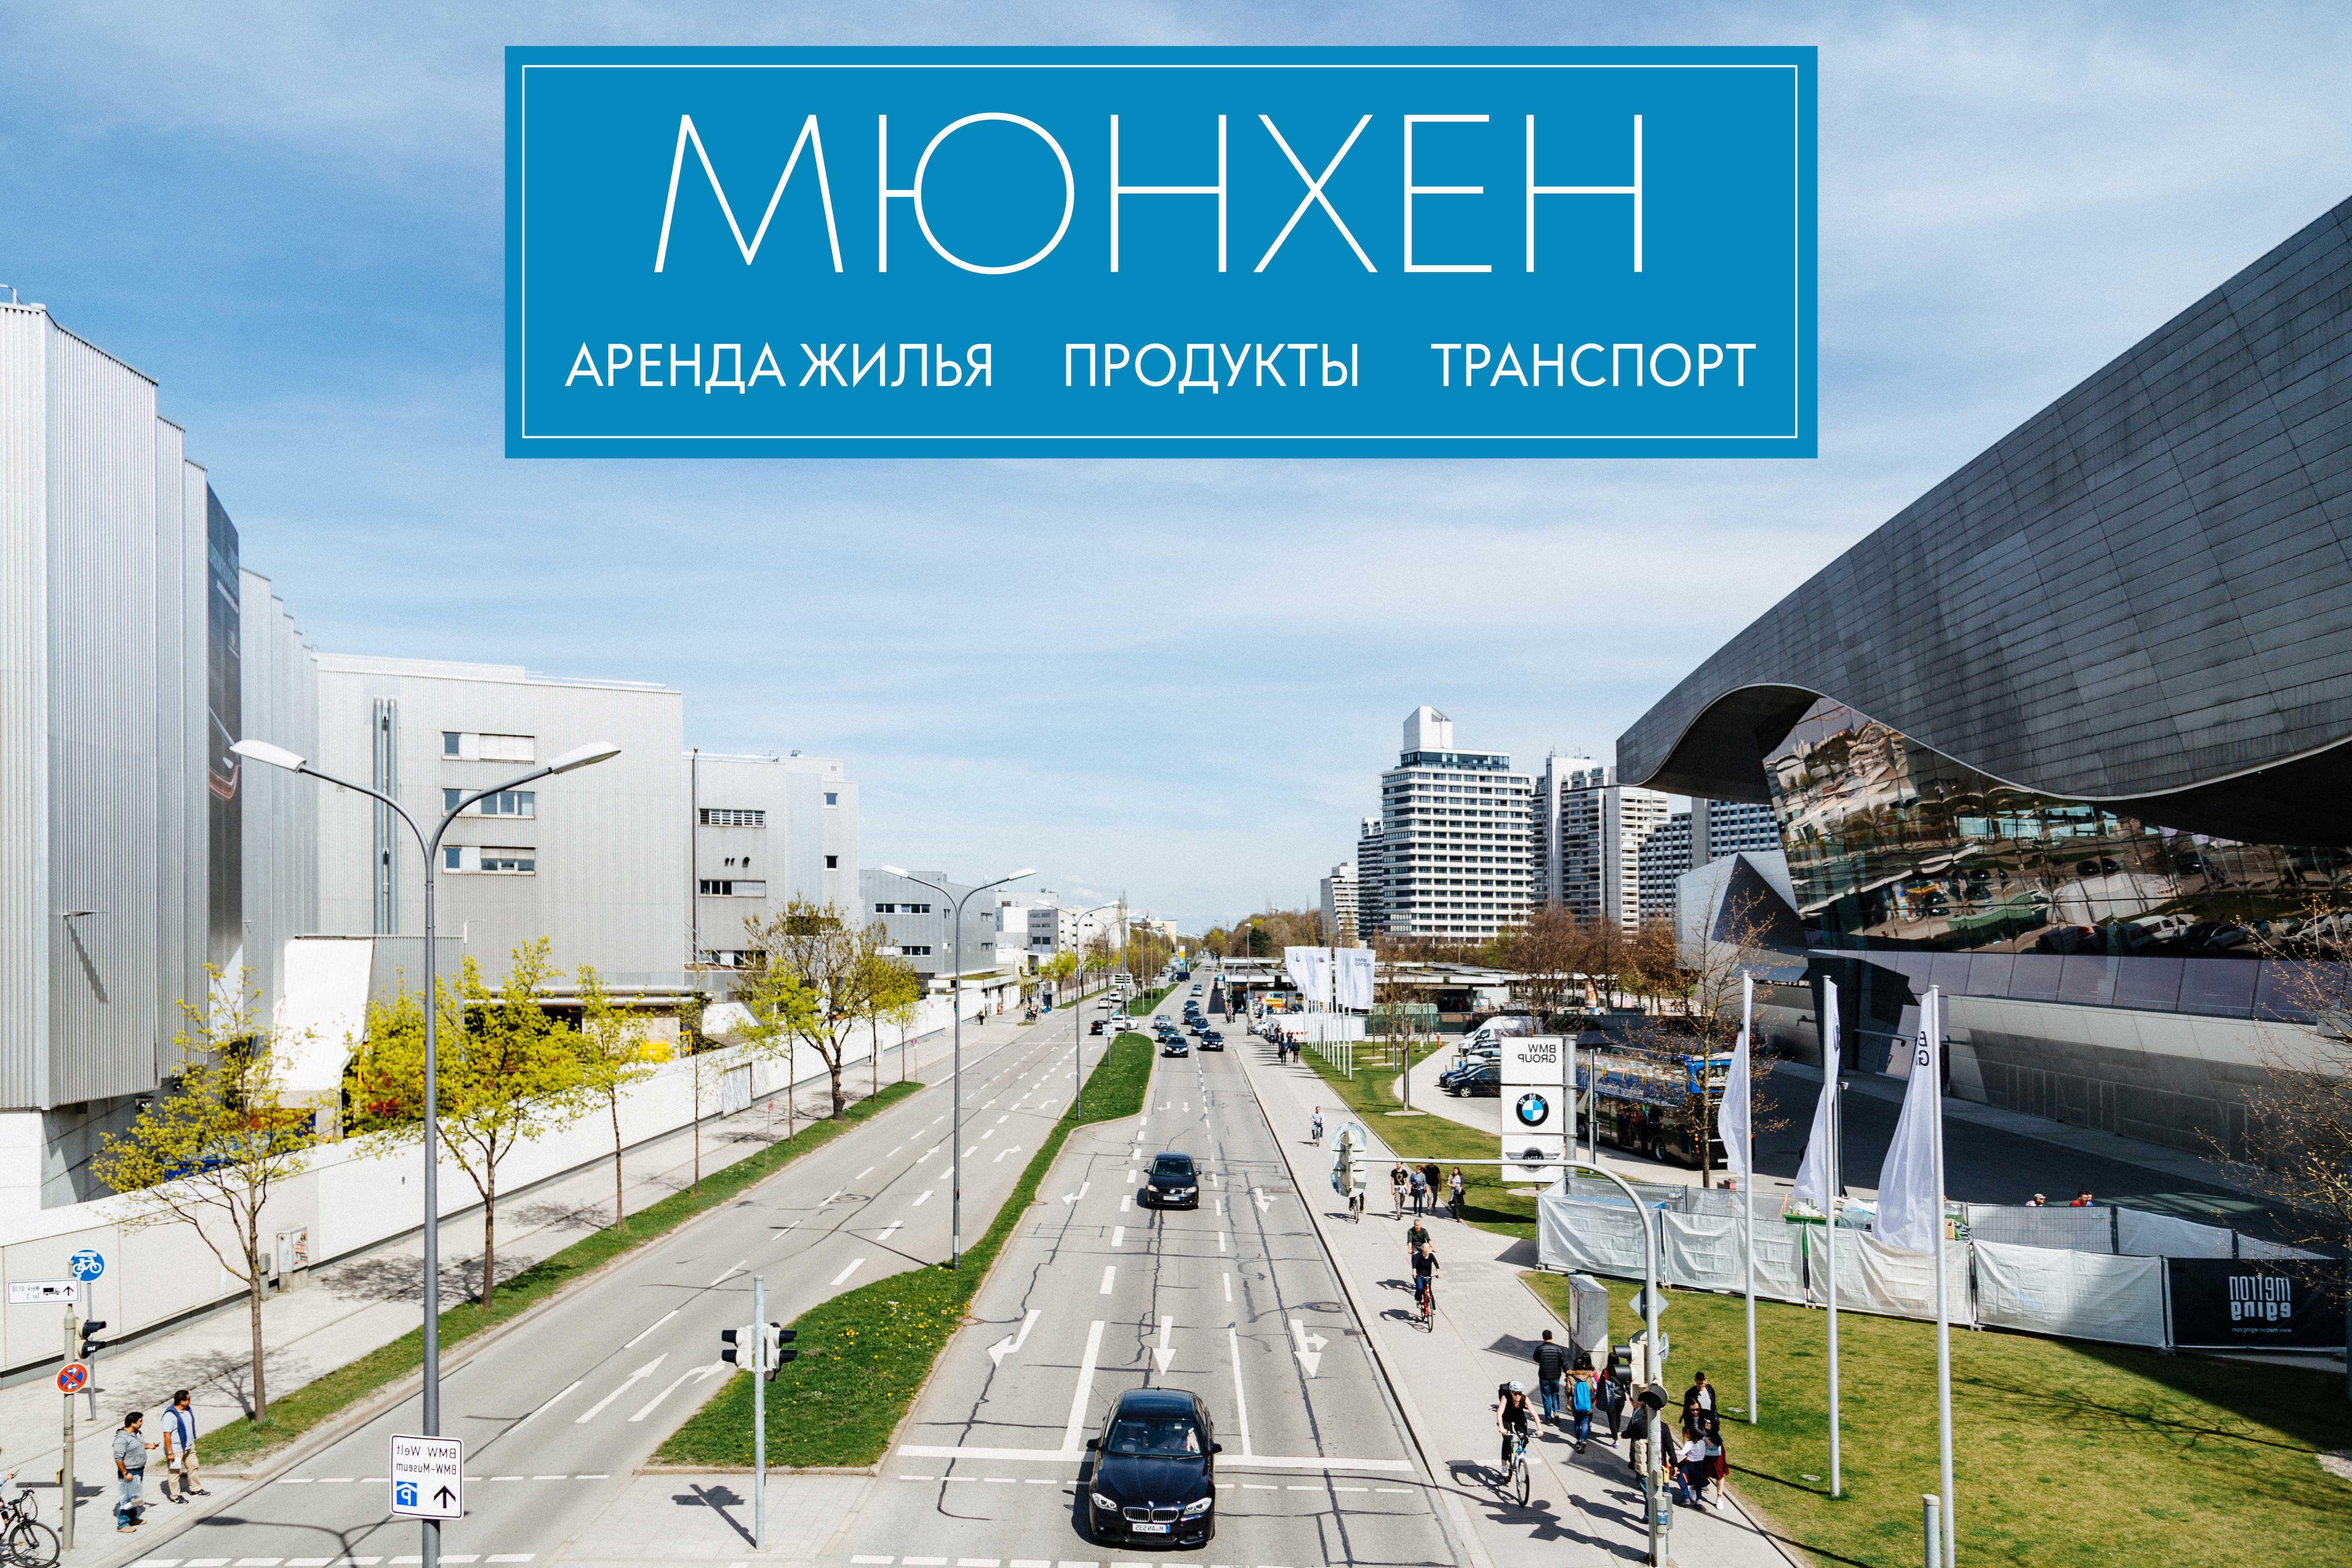 Стоимость проживания в Мюнхене, Германия – аренда жилья, продукты, транспорт